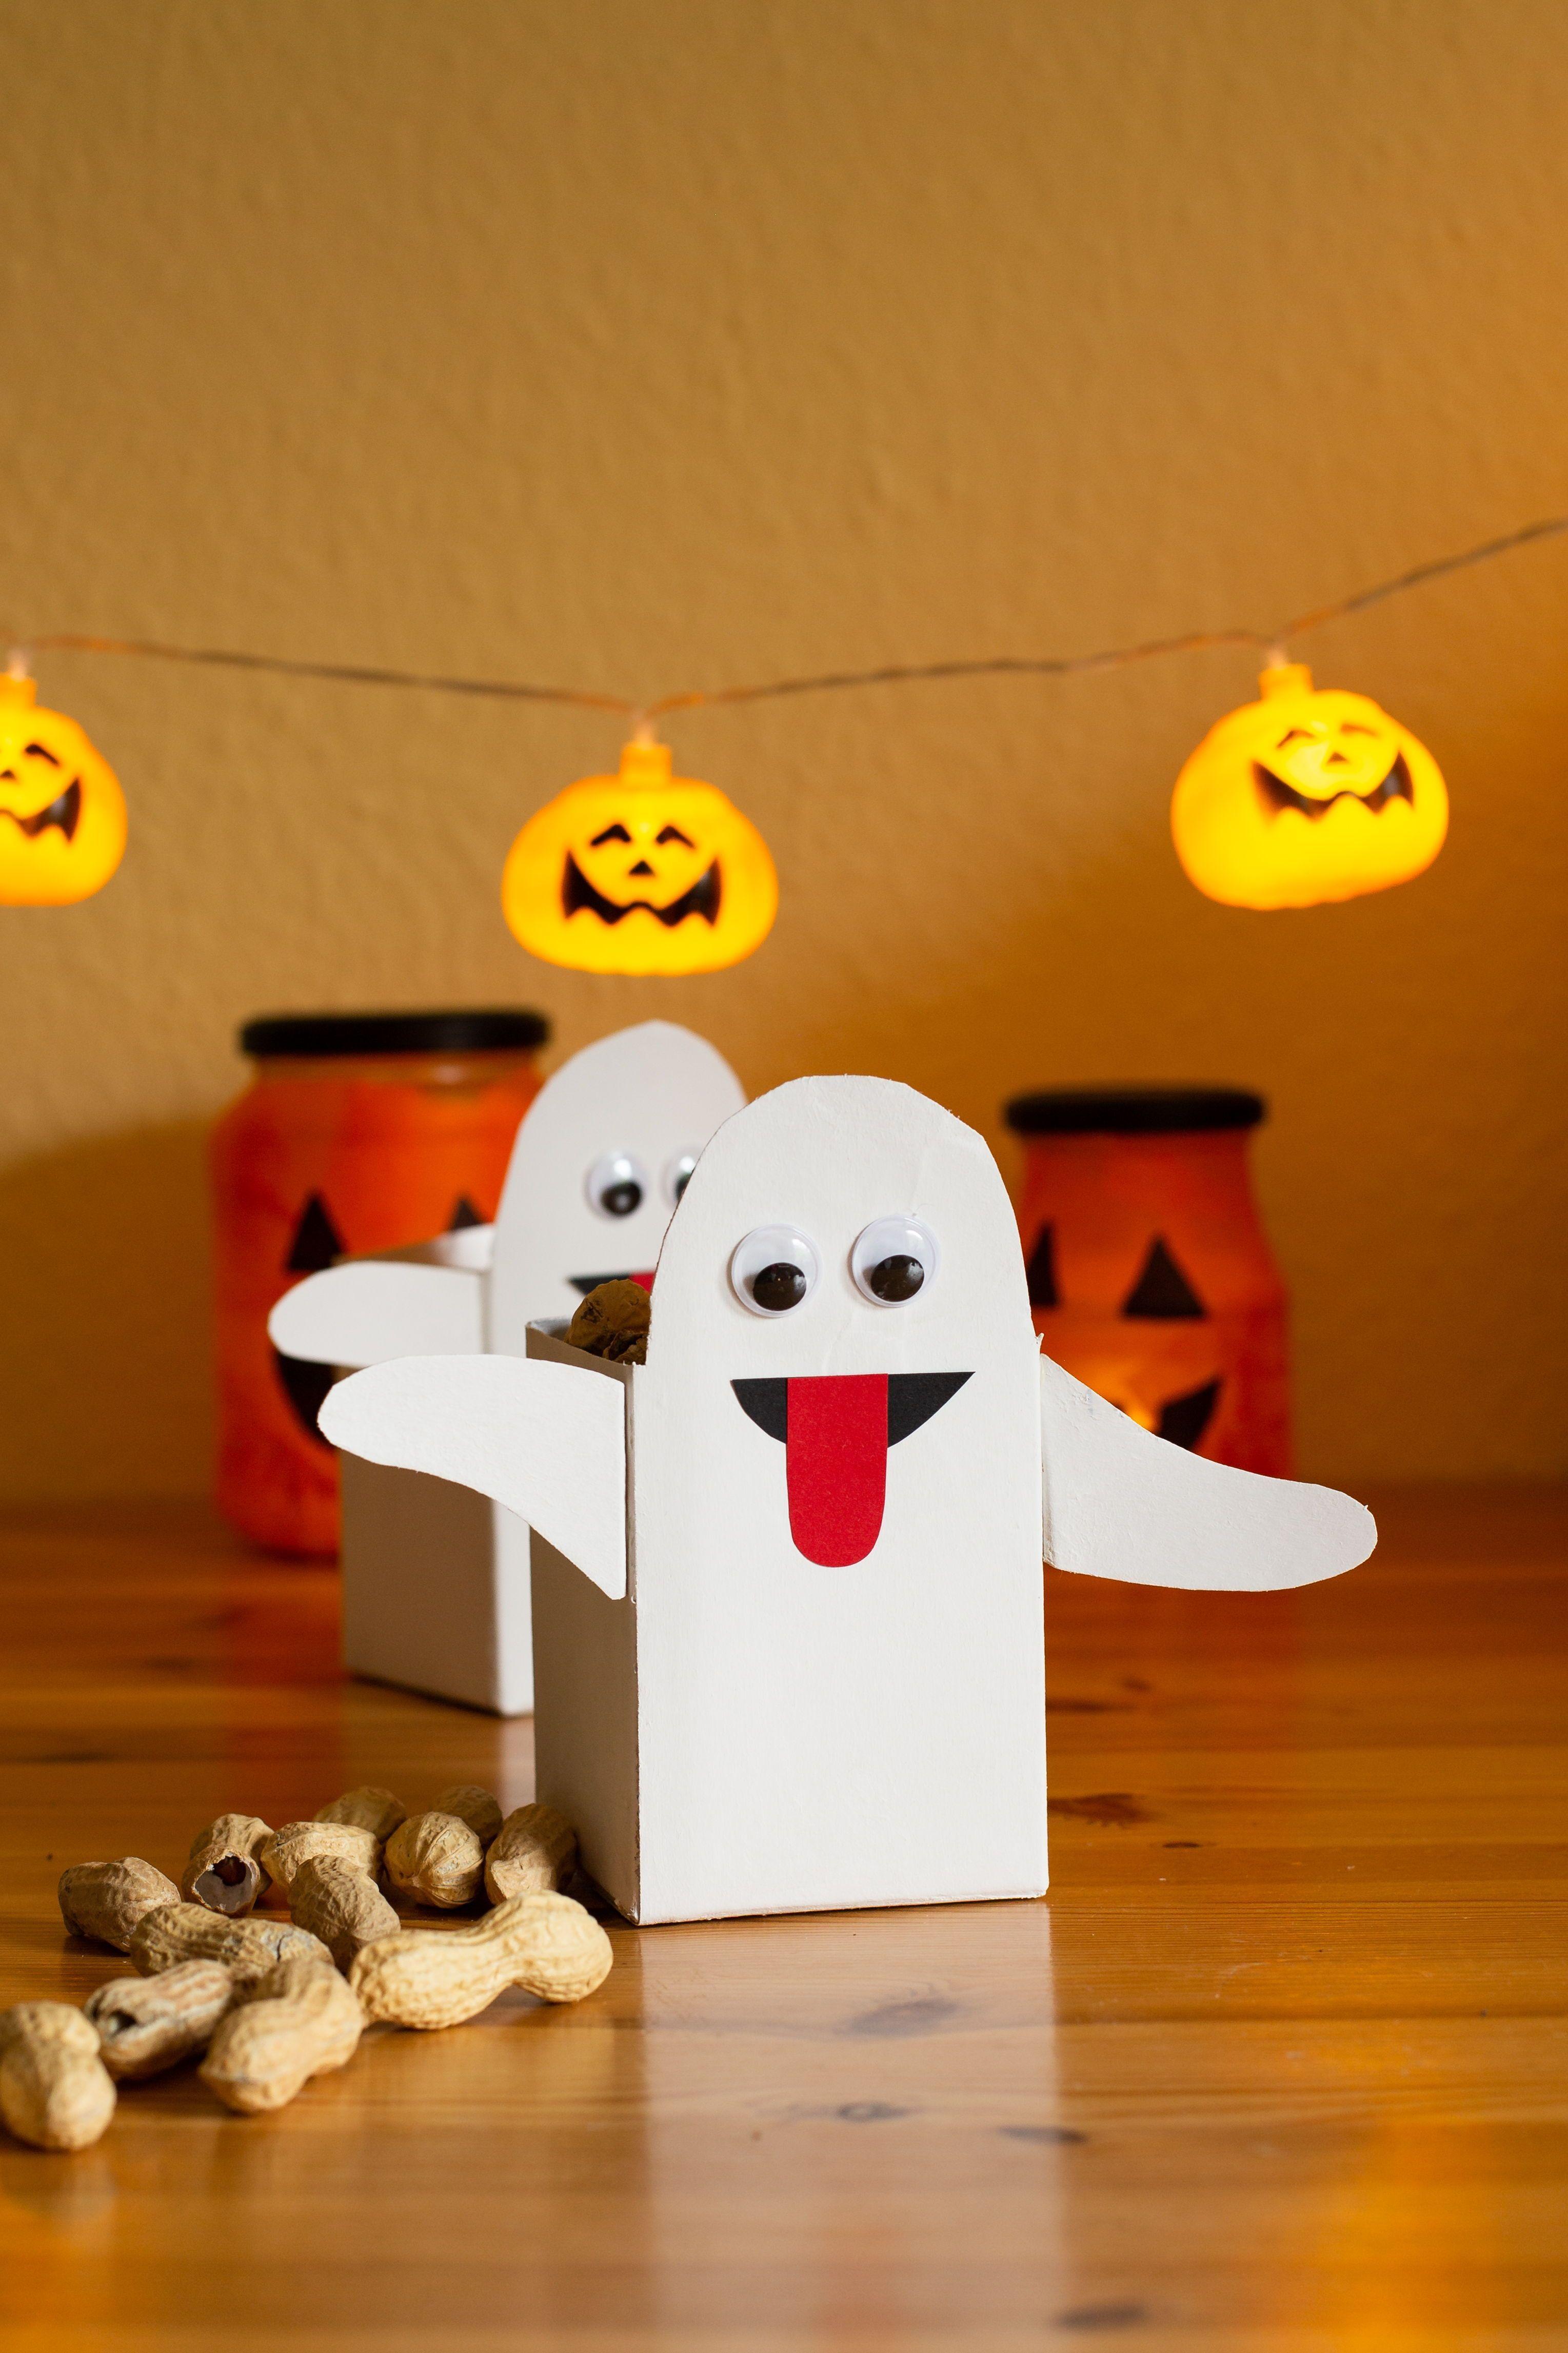 Diy Halloween Deko Aus Milchtuten Basteln Diy Blog Do It Yourself Anleitungen Zum Selbermachen Wiebkeliebt In 2020 Diy Halloween Party Halloween Deko Basteln Halloween Deko Basteln Mit Kindern